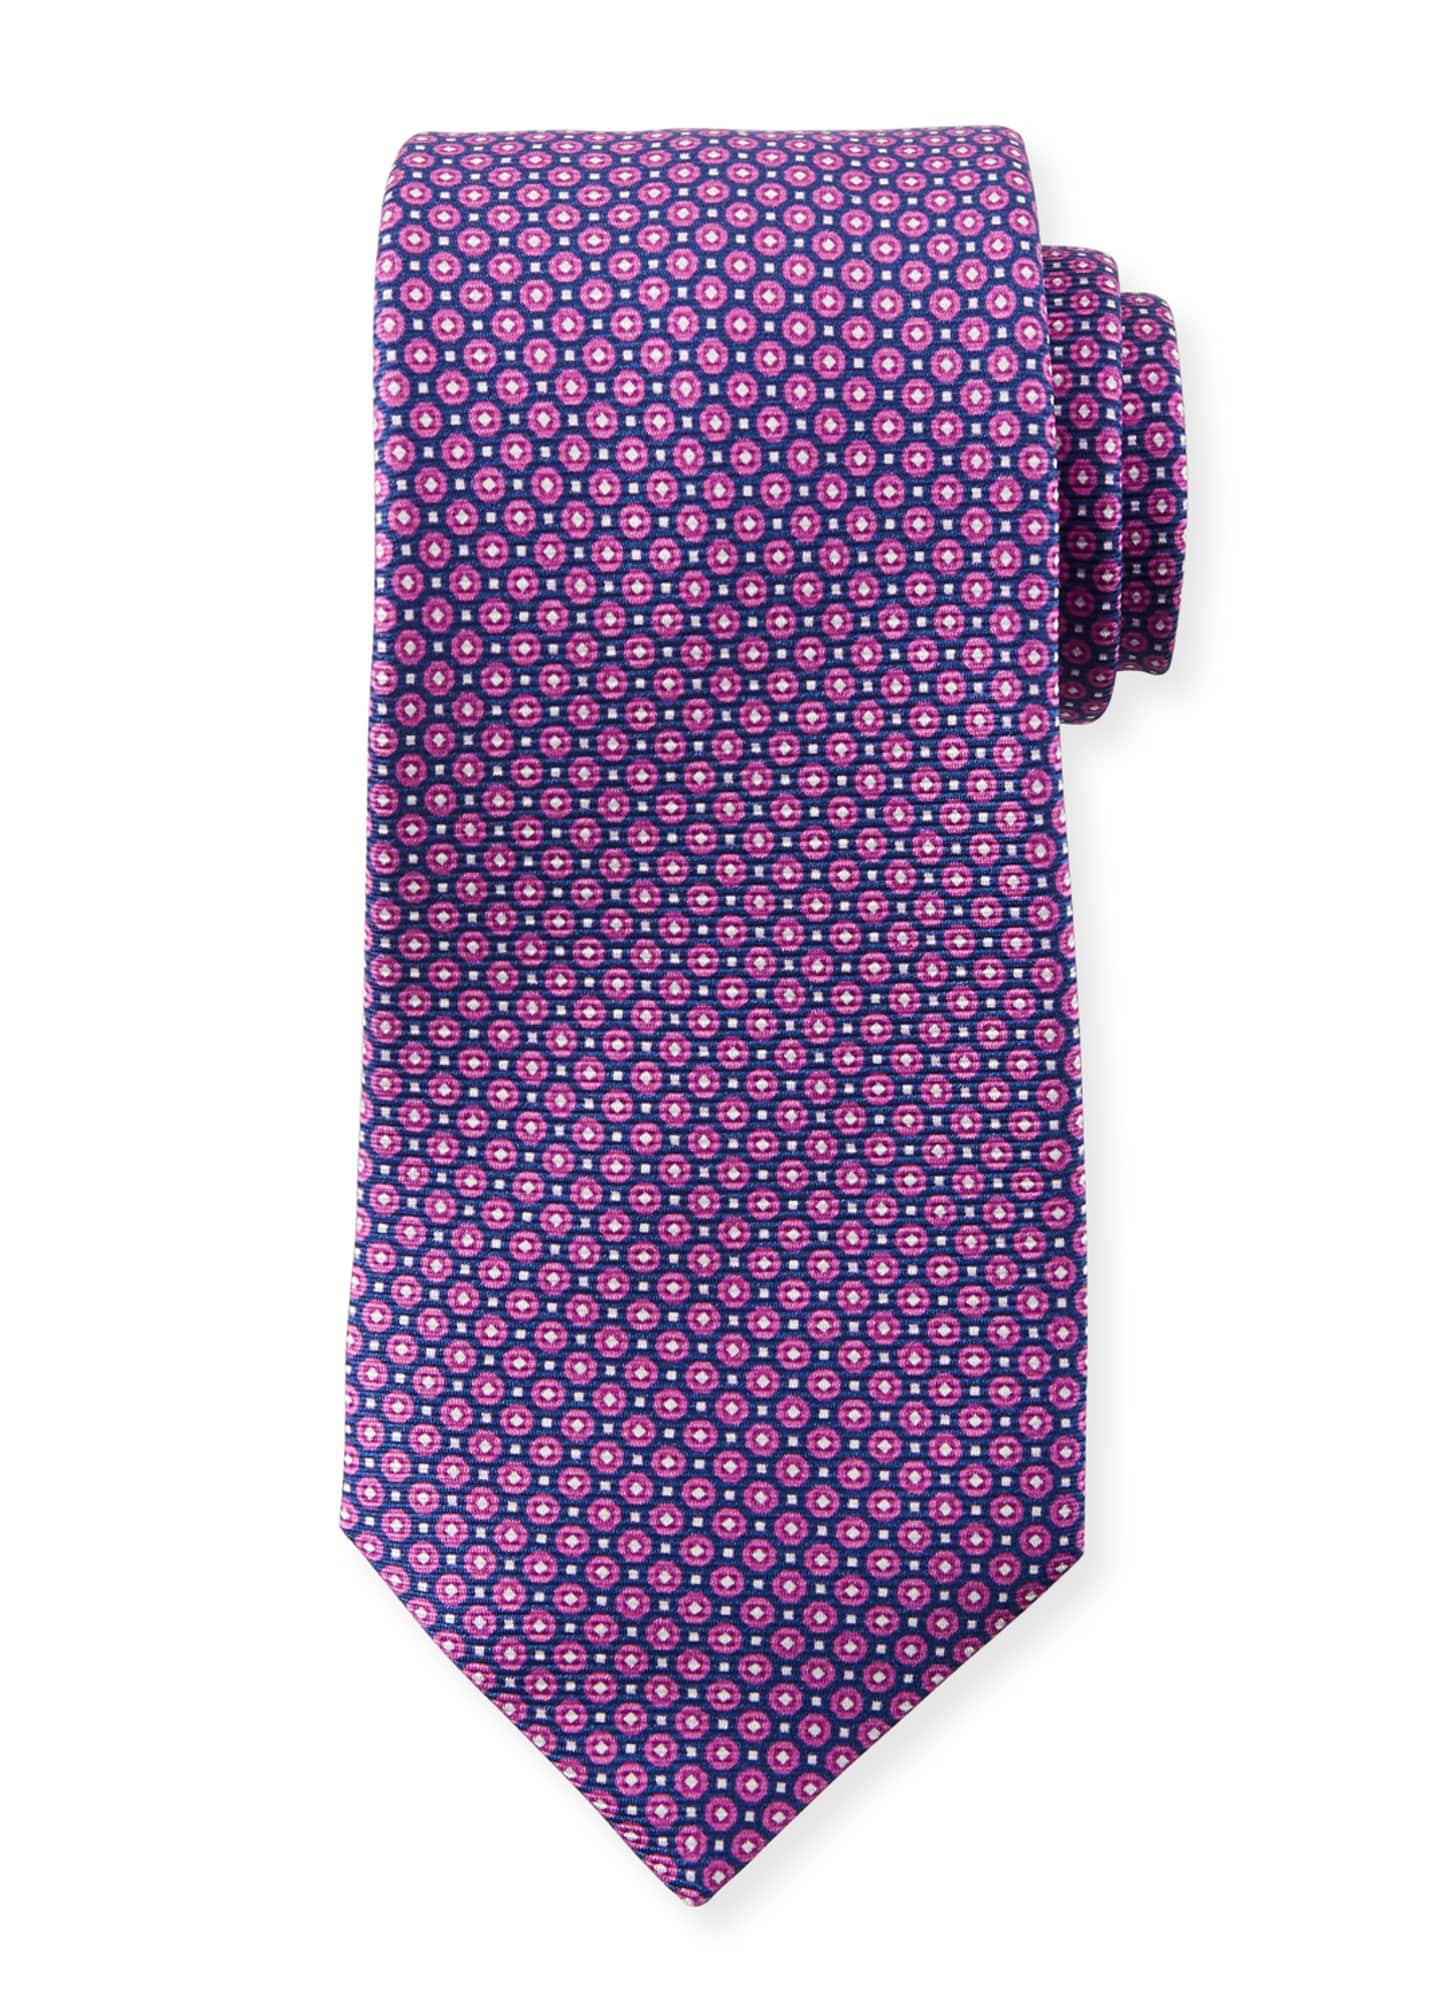 Kiton Men's Micro Circles Tie, Purple